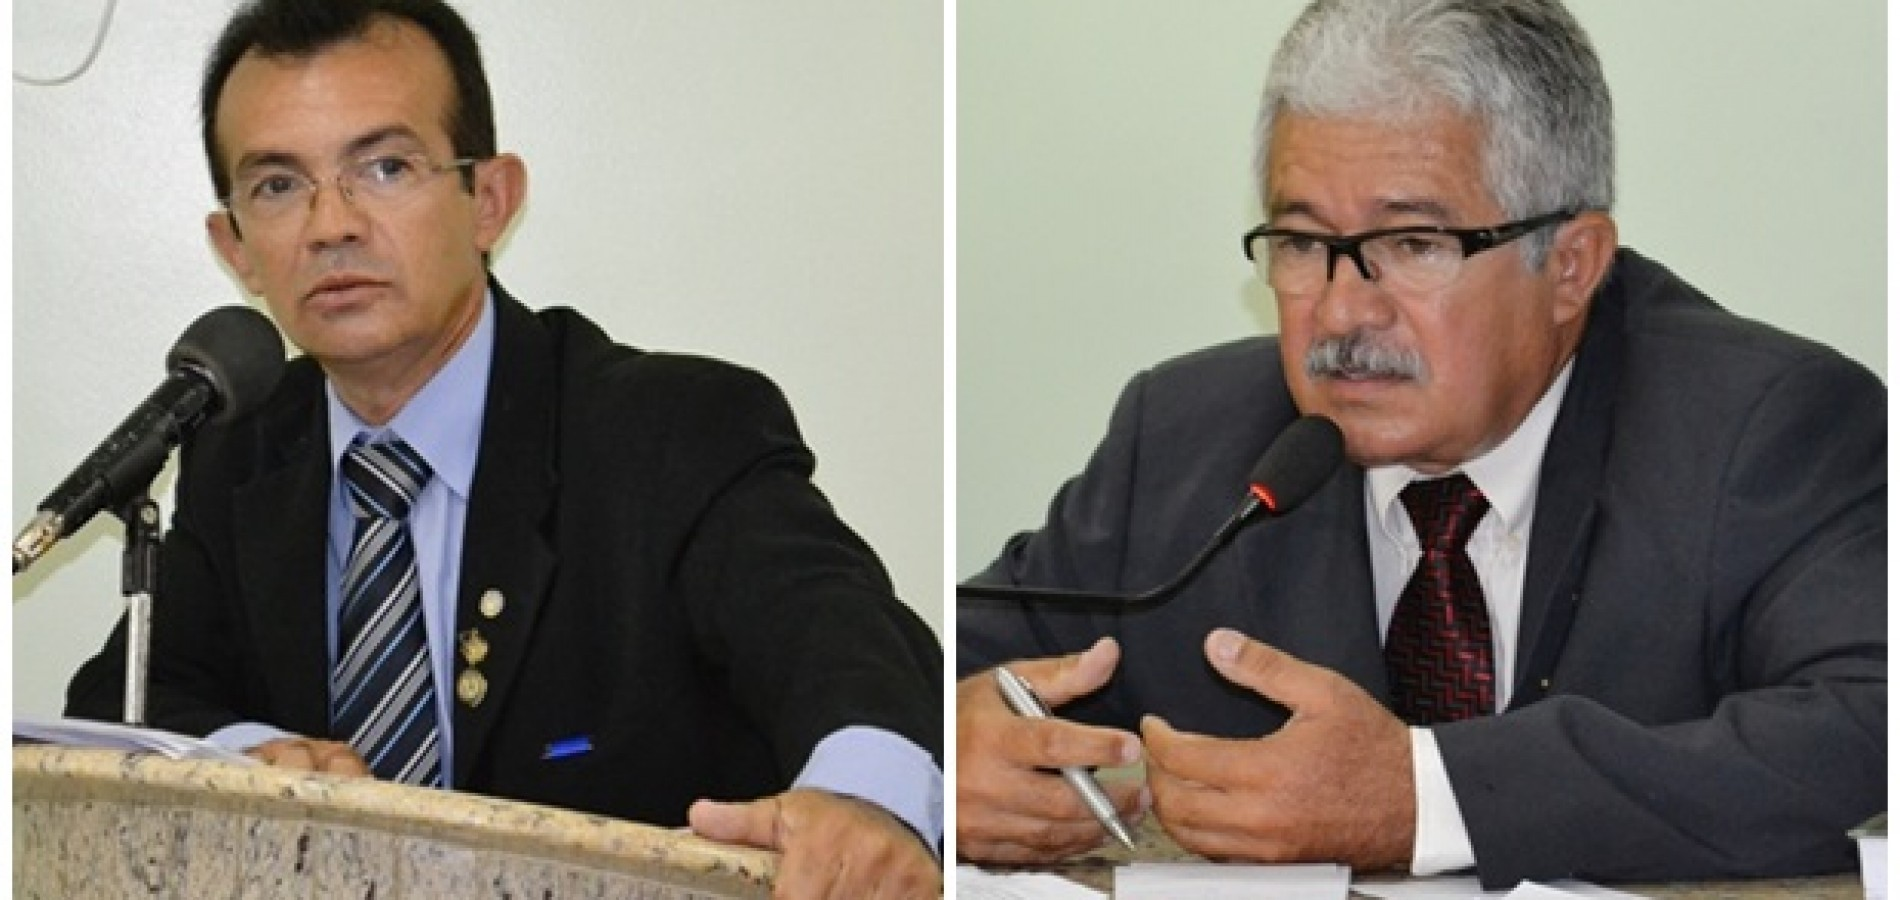 JAICÓS | Câmara aprova dois requerimentos na sessão desta segunda; veja o que foi solicitado